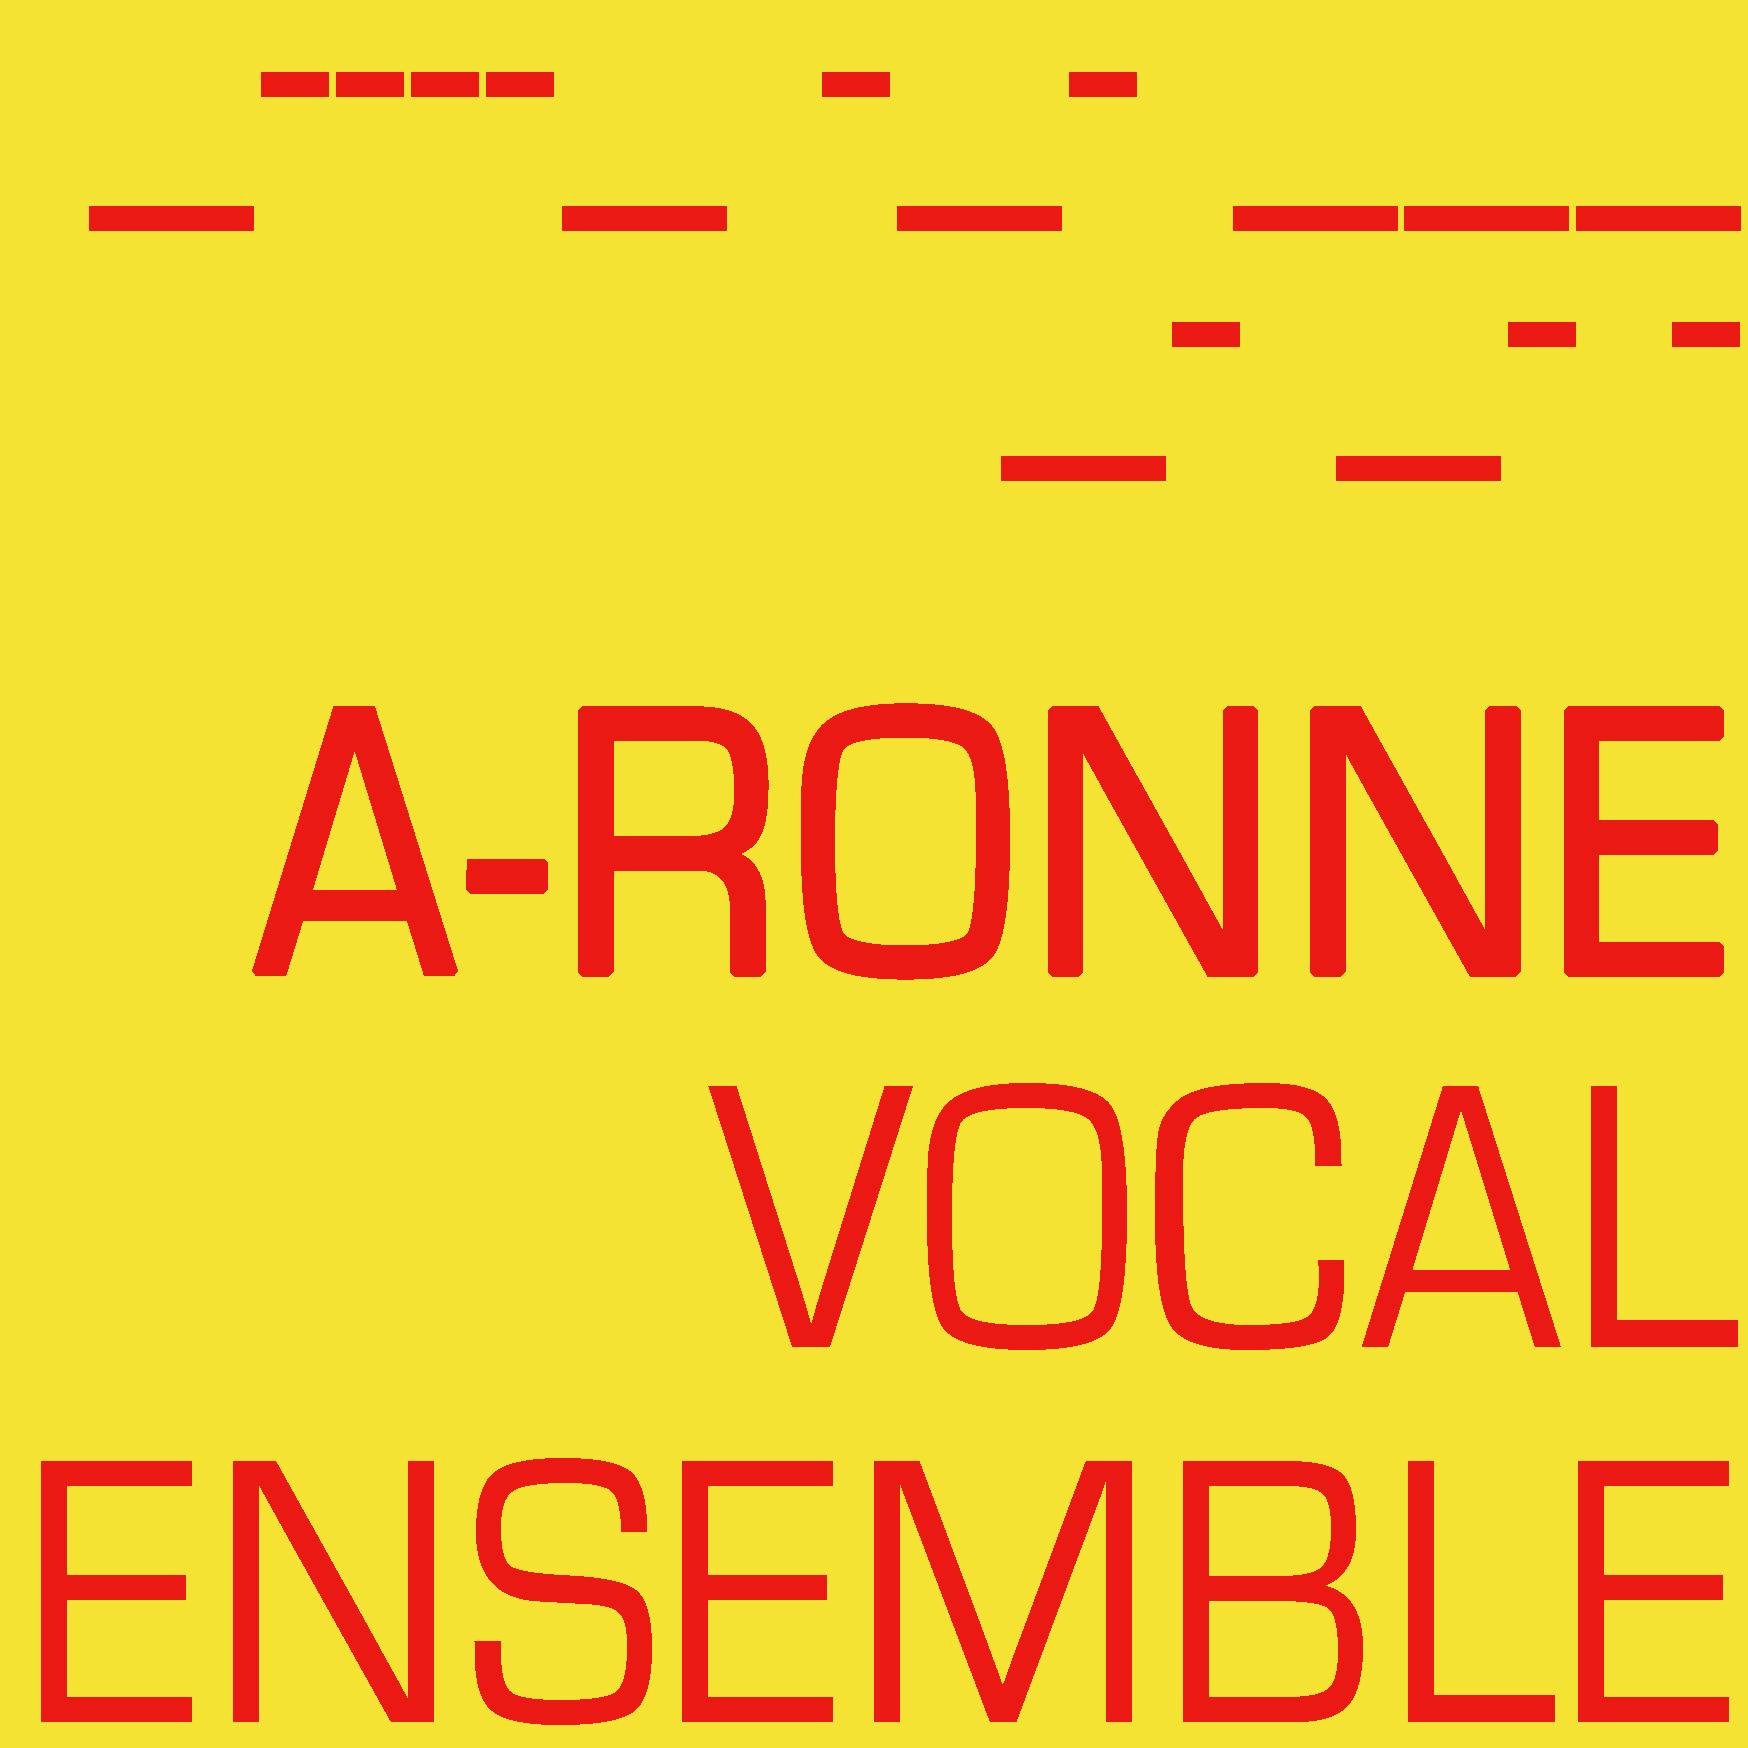 A-Ronne